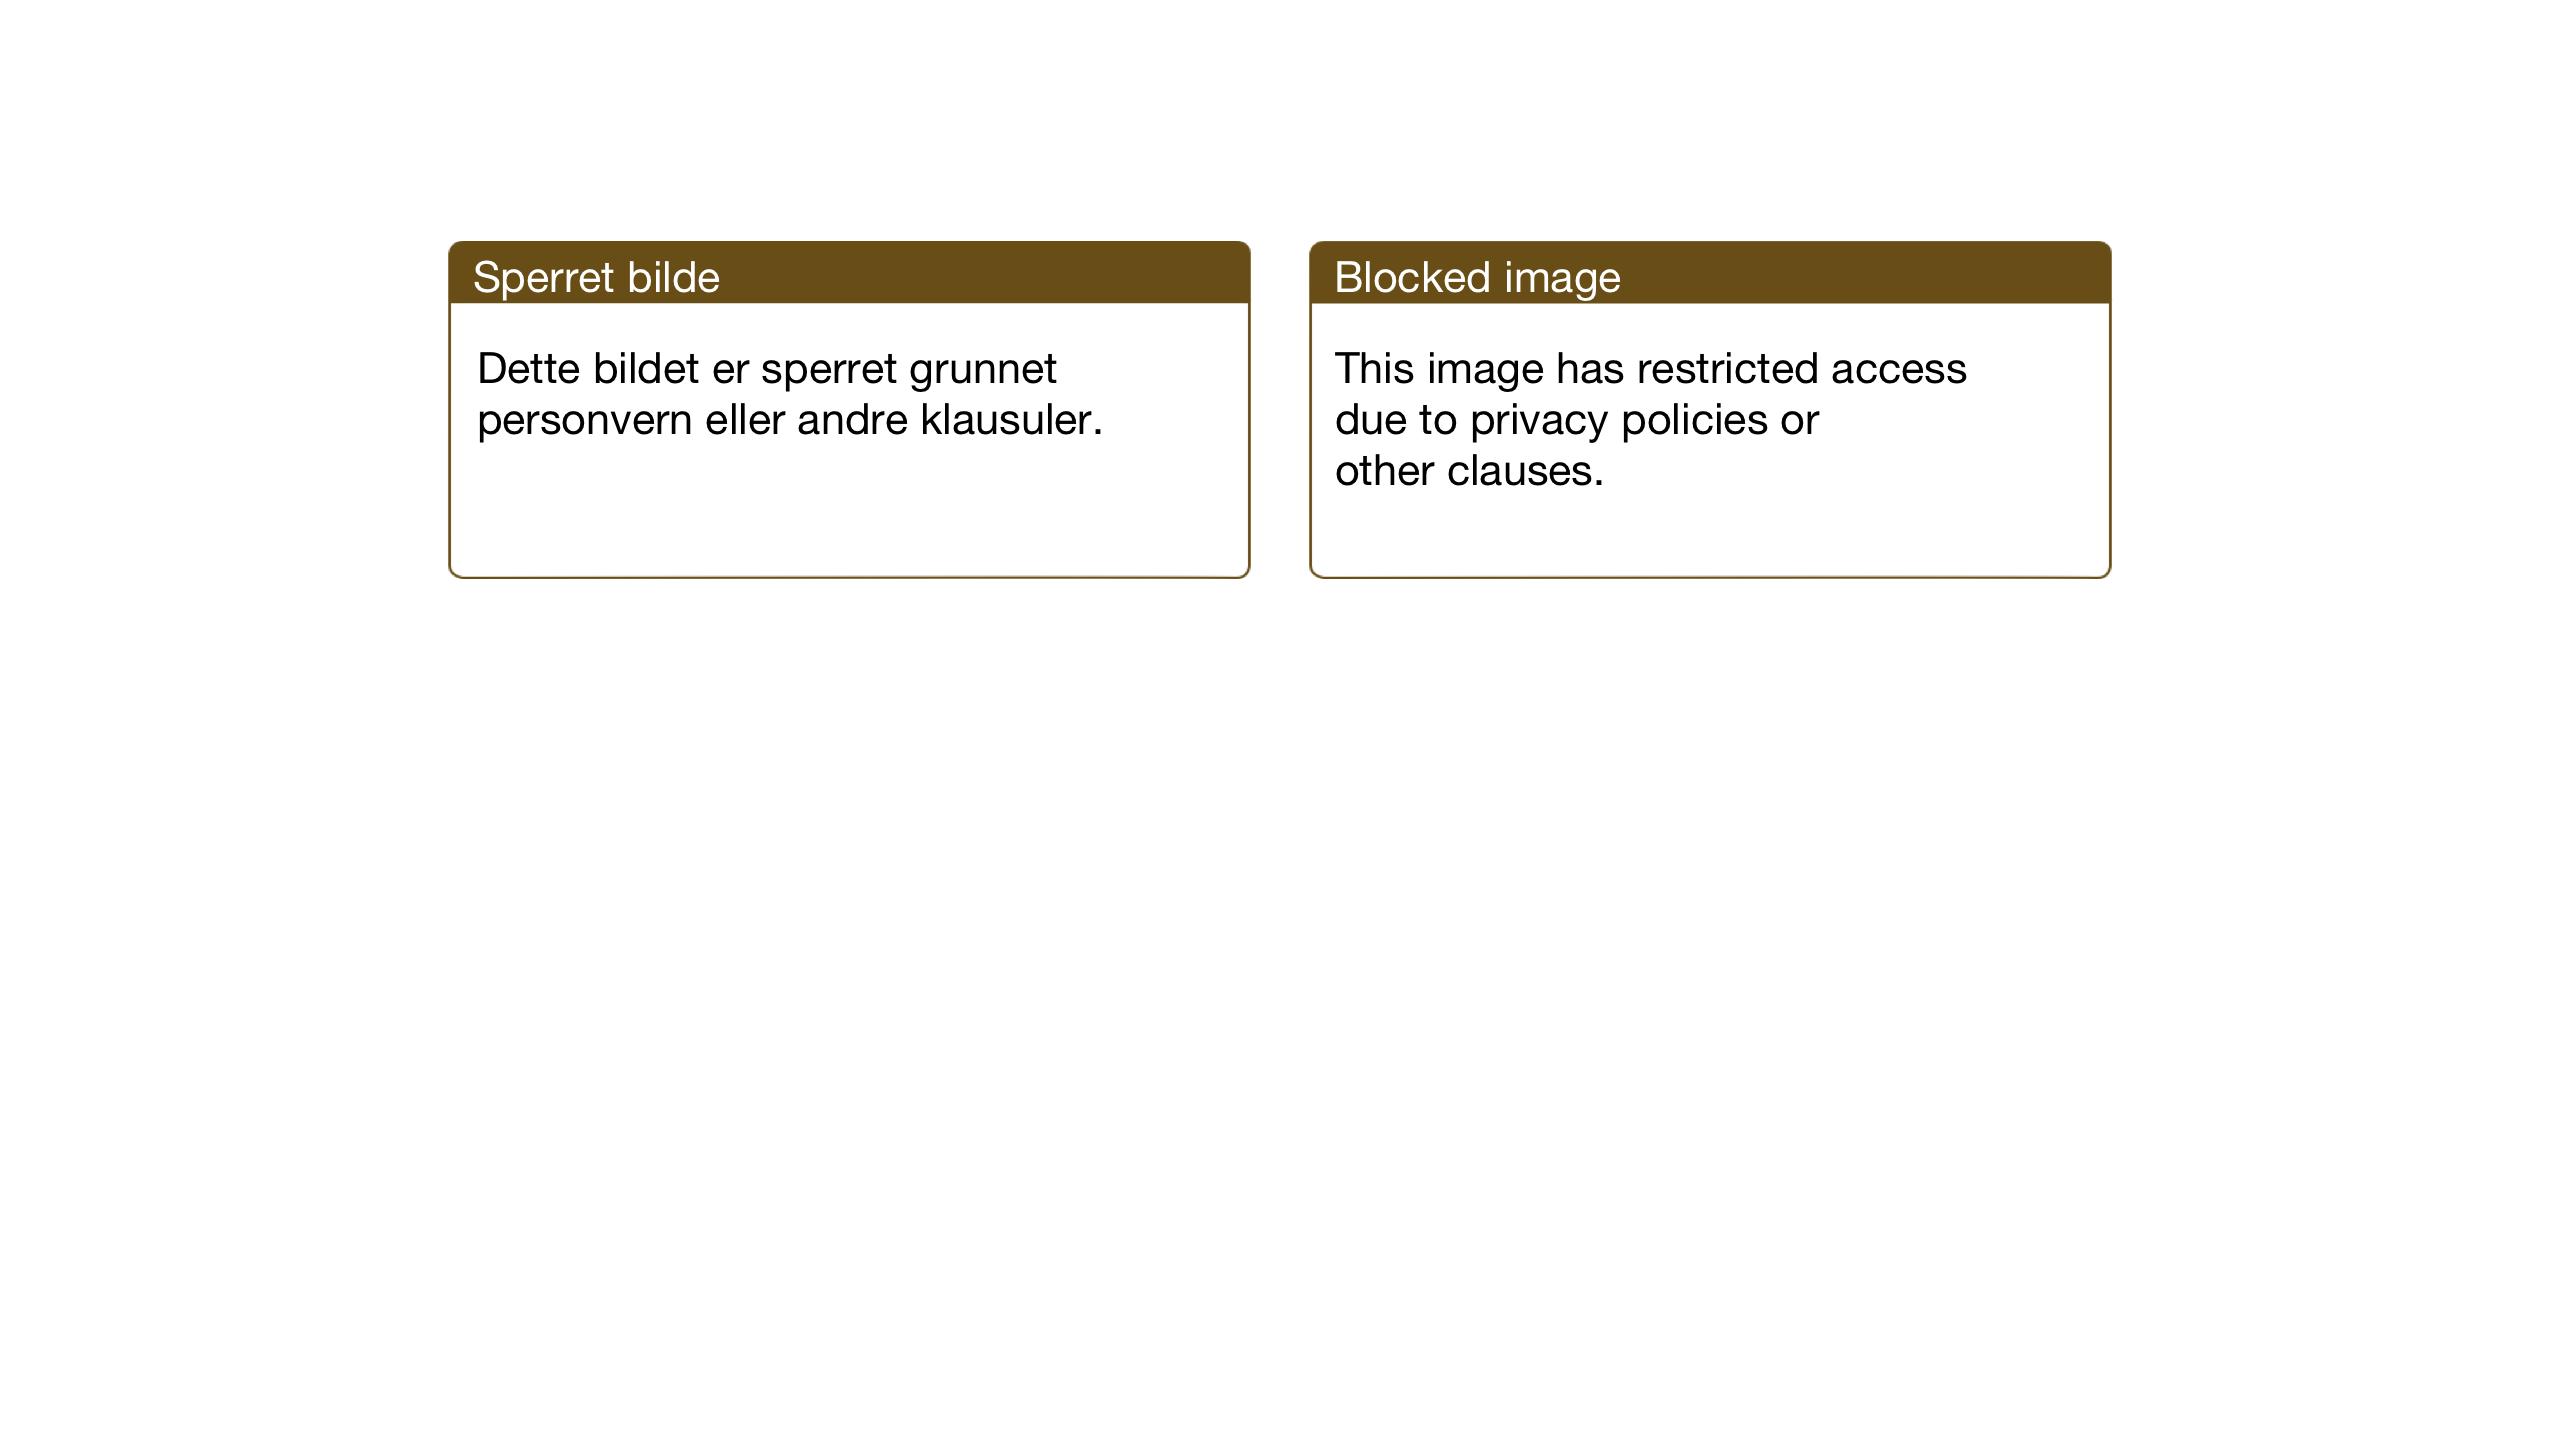 SAT, Ministerialprotokoller, klokkerbøker og fødselsregistre - Sør-Trøndelag, 637/L0564: Klokkerbok nr. 637C05, 1928-1968, s. 129